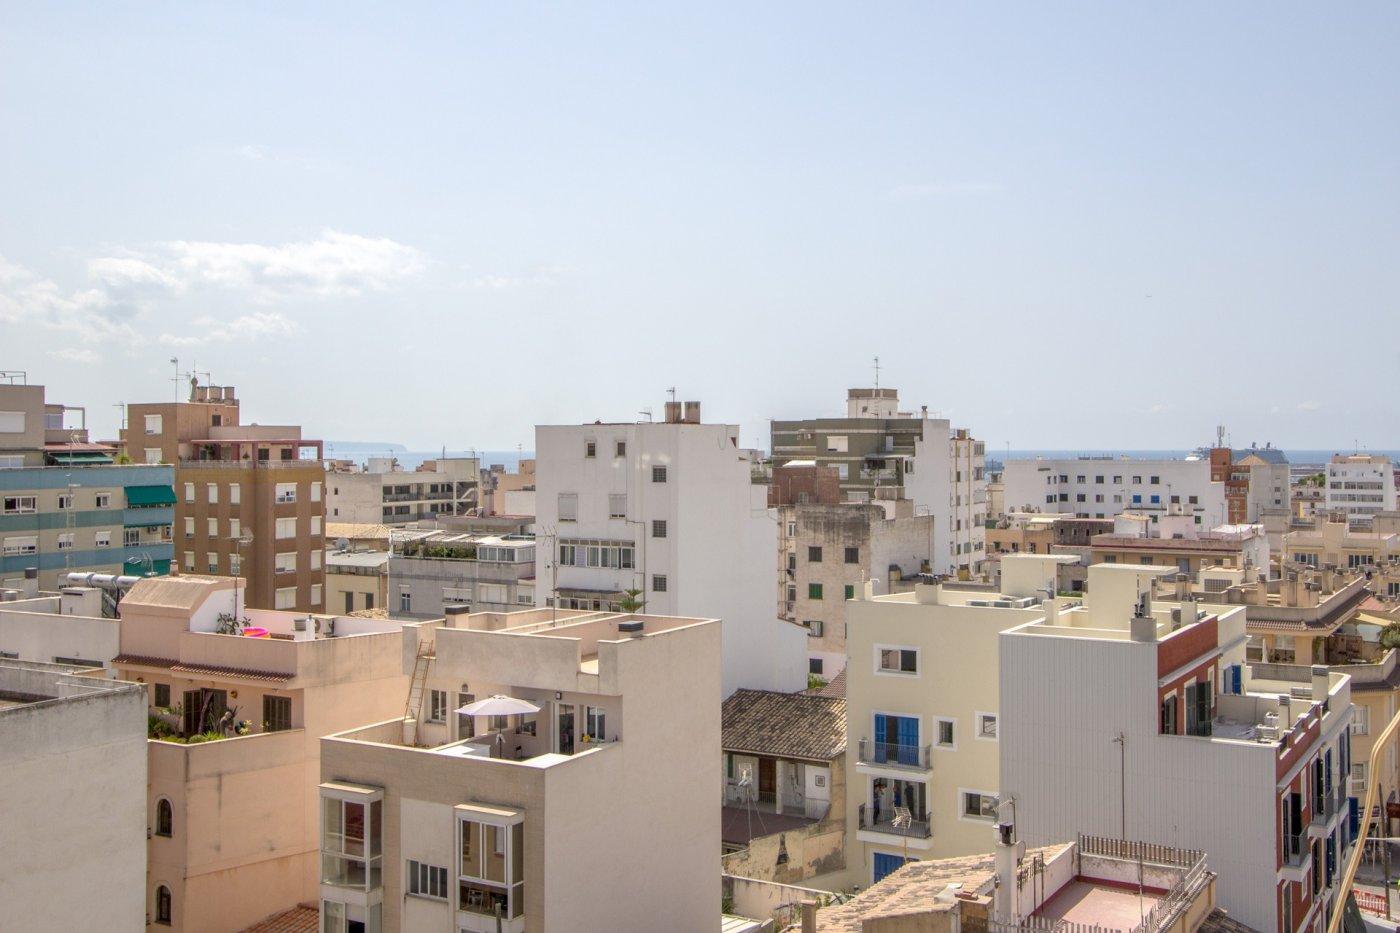 Ático-Venta-Palma de Mallorca-211012-Foto-6